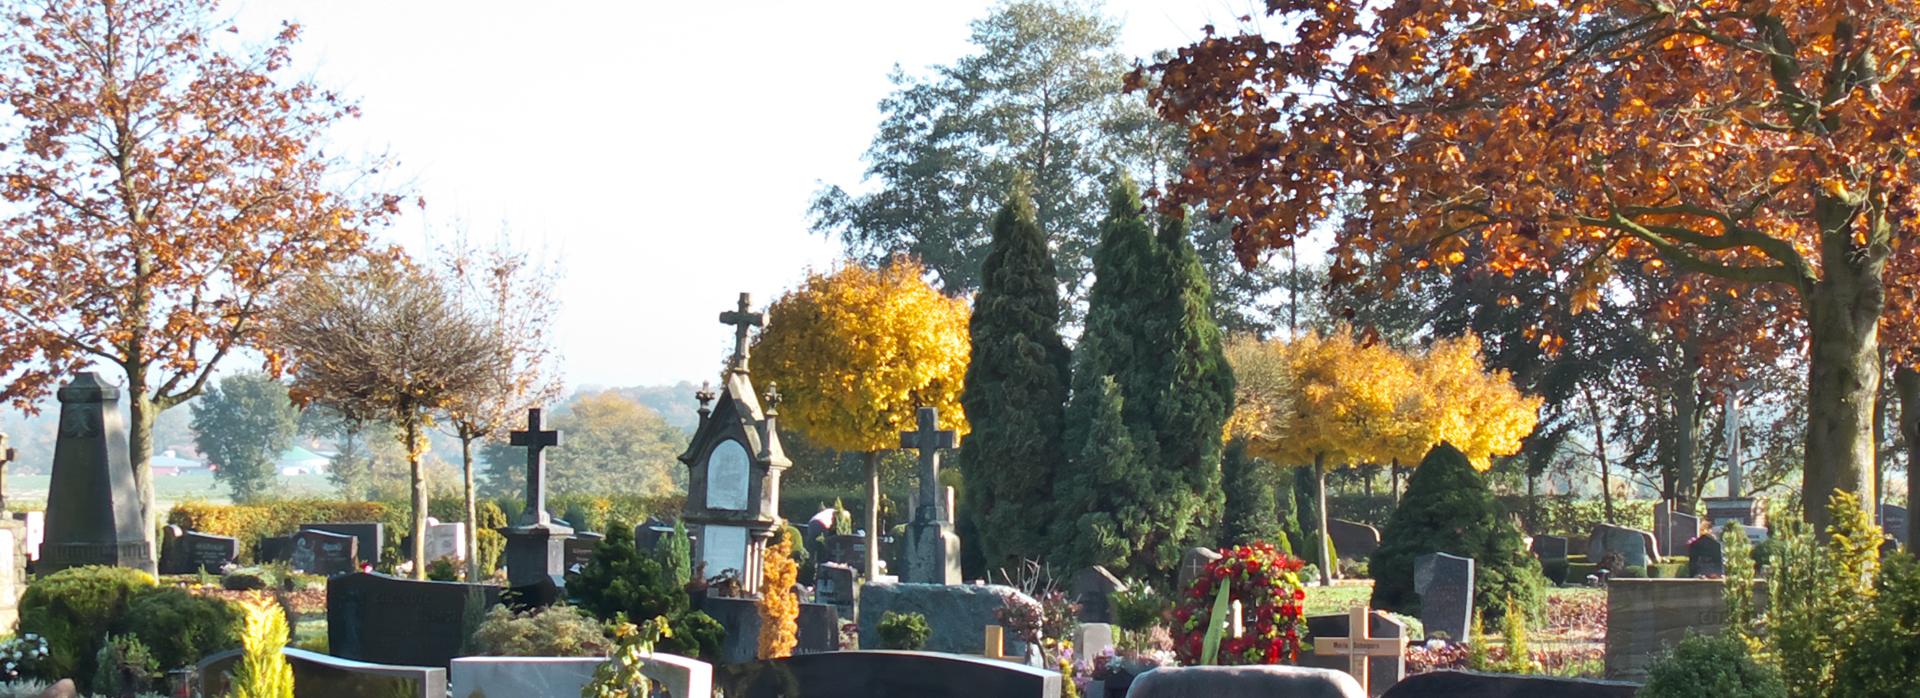 Friedhof Asbeck